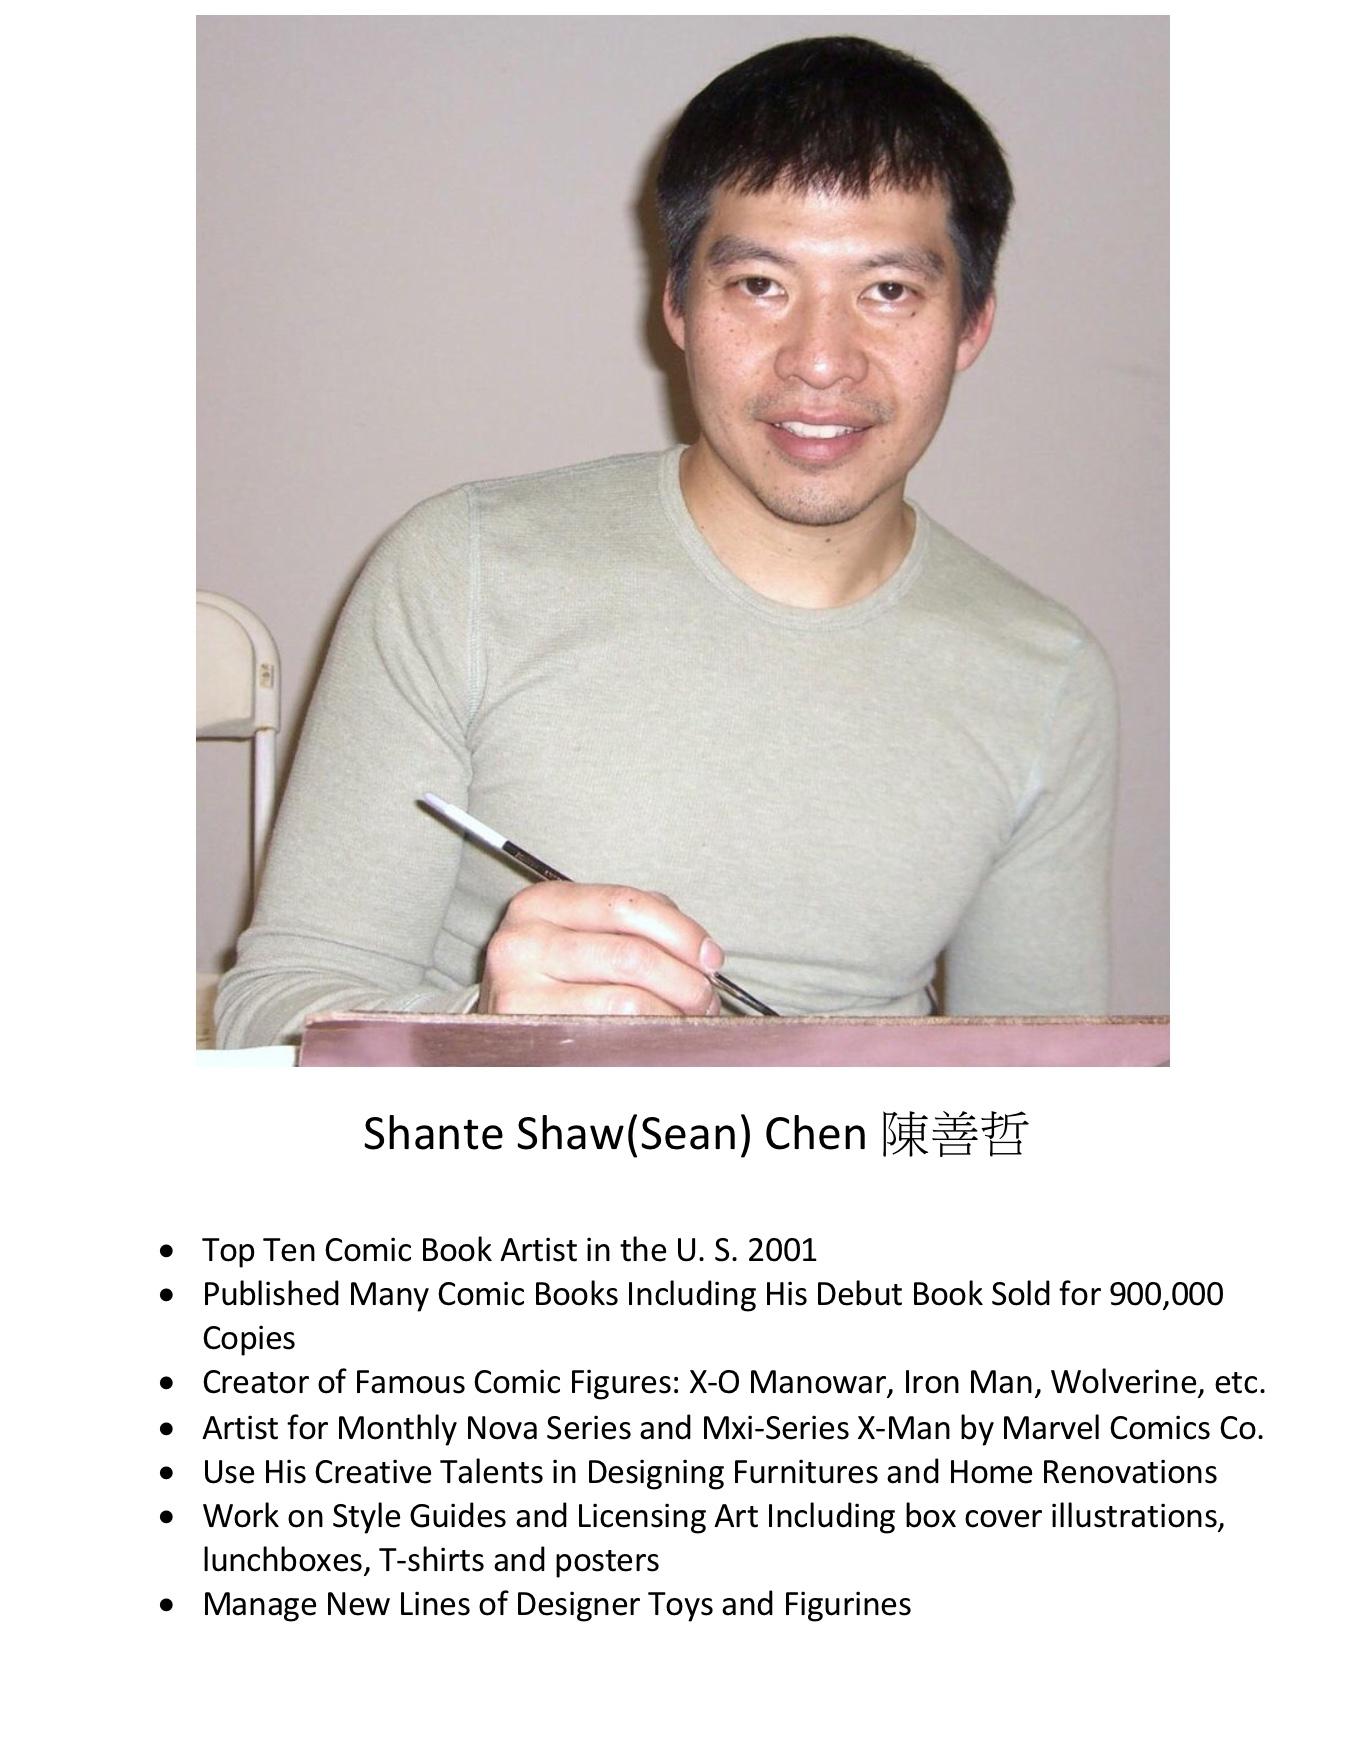 209. Shante Shaw(Sean) Chen 陳善哲